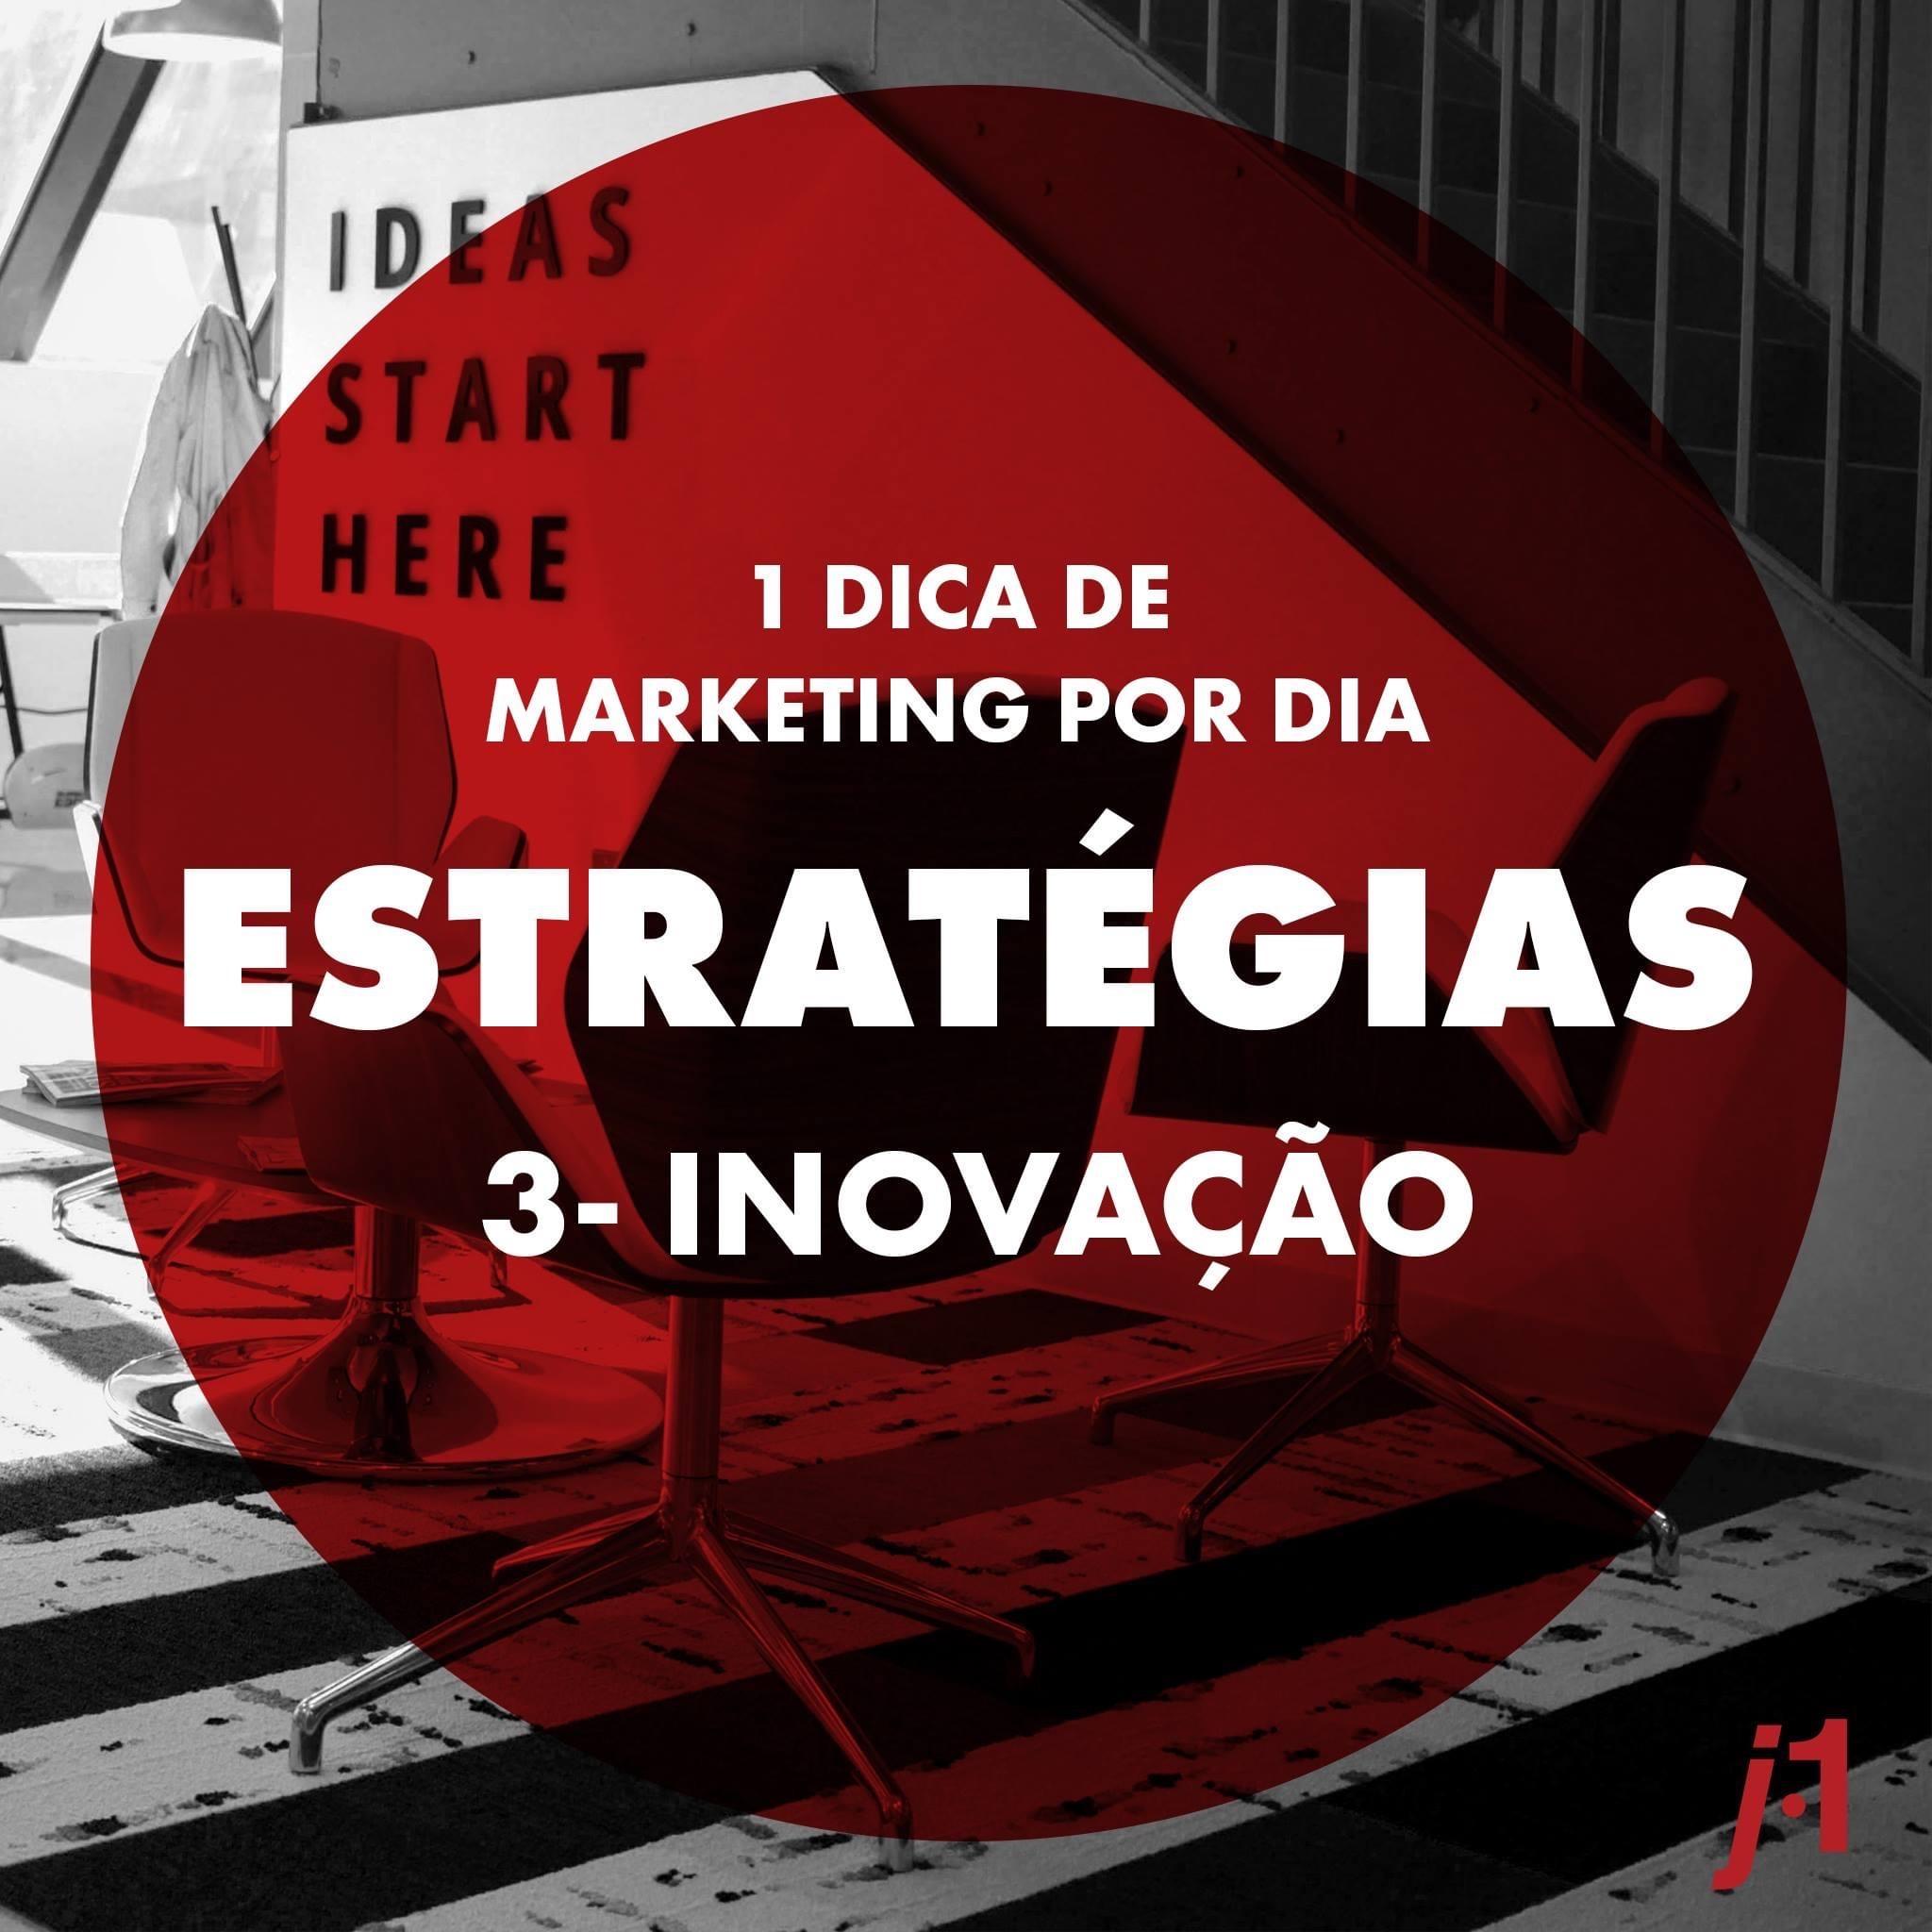 Estratégias - Inovação